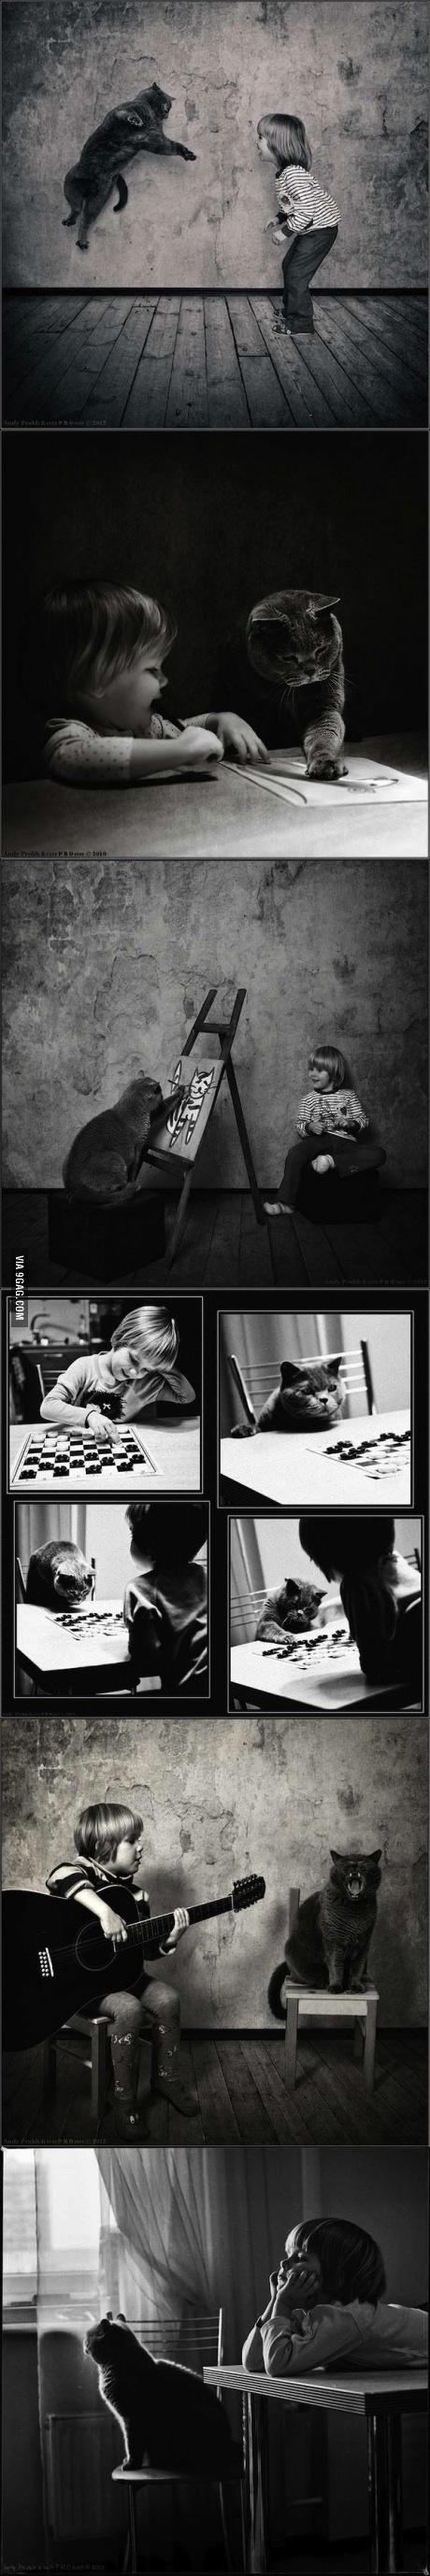 girl, cat, friendship